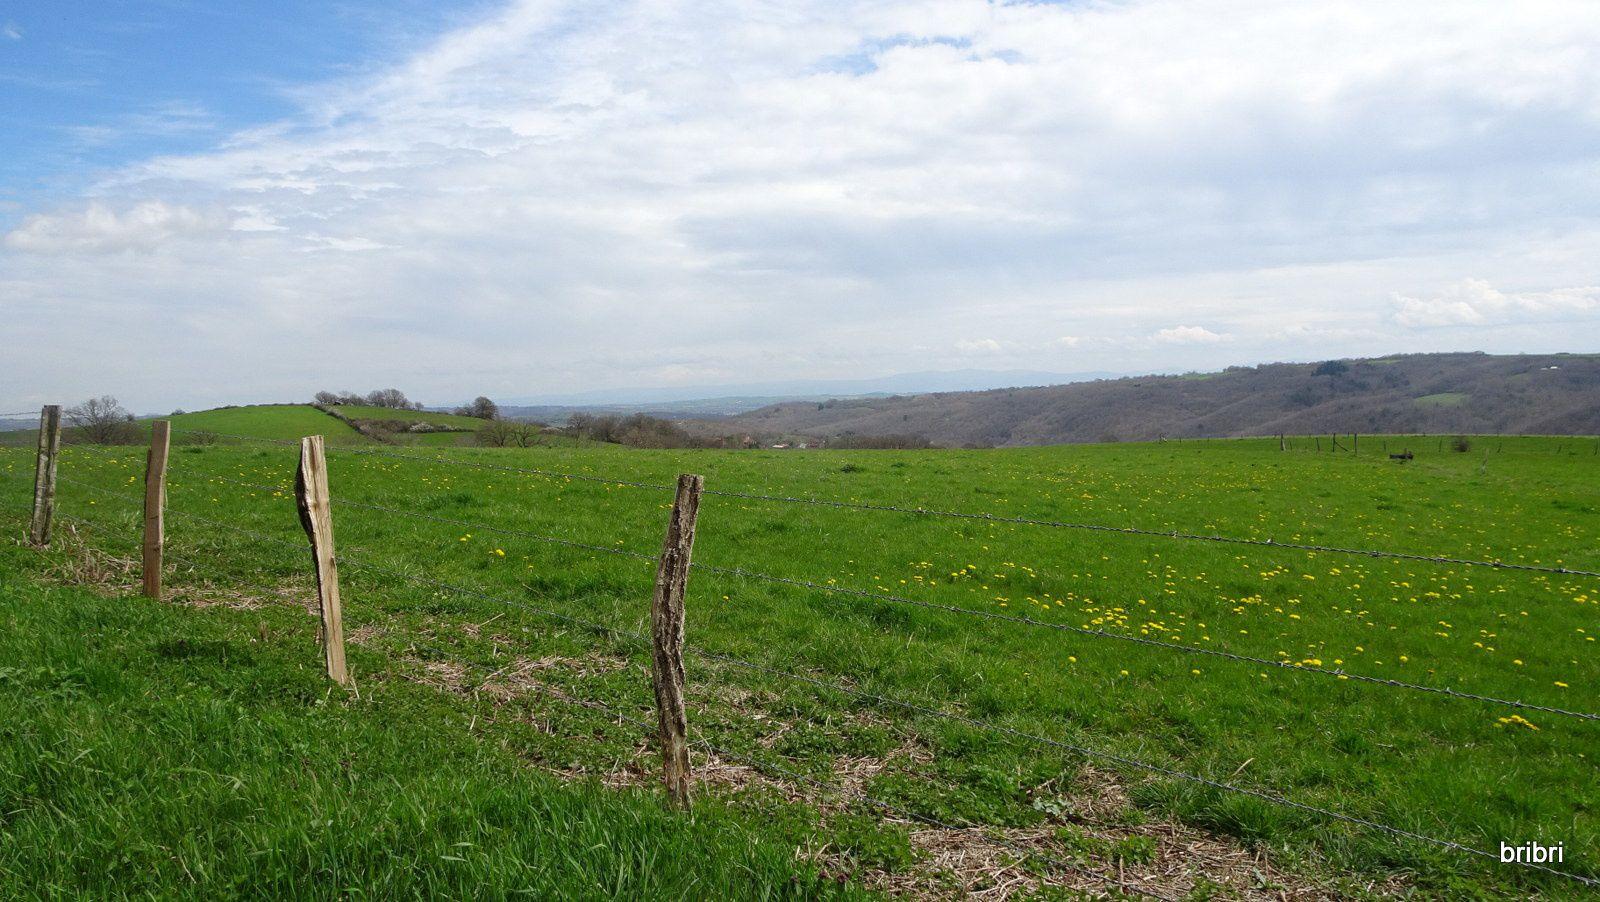 Beau paysage avant de descendre dans le trou du barrage.